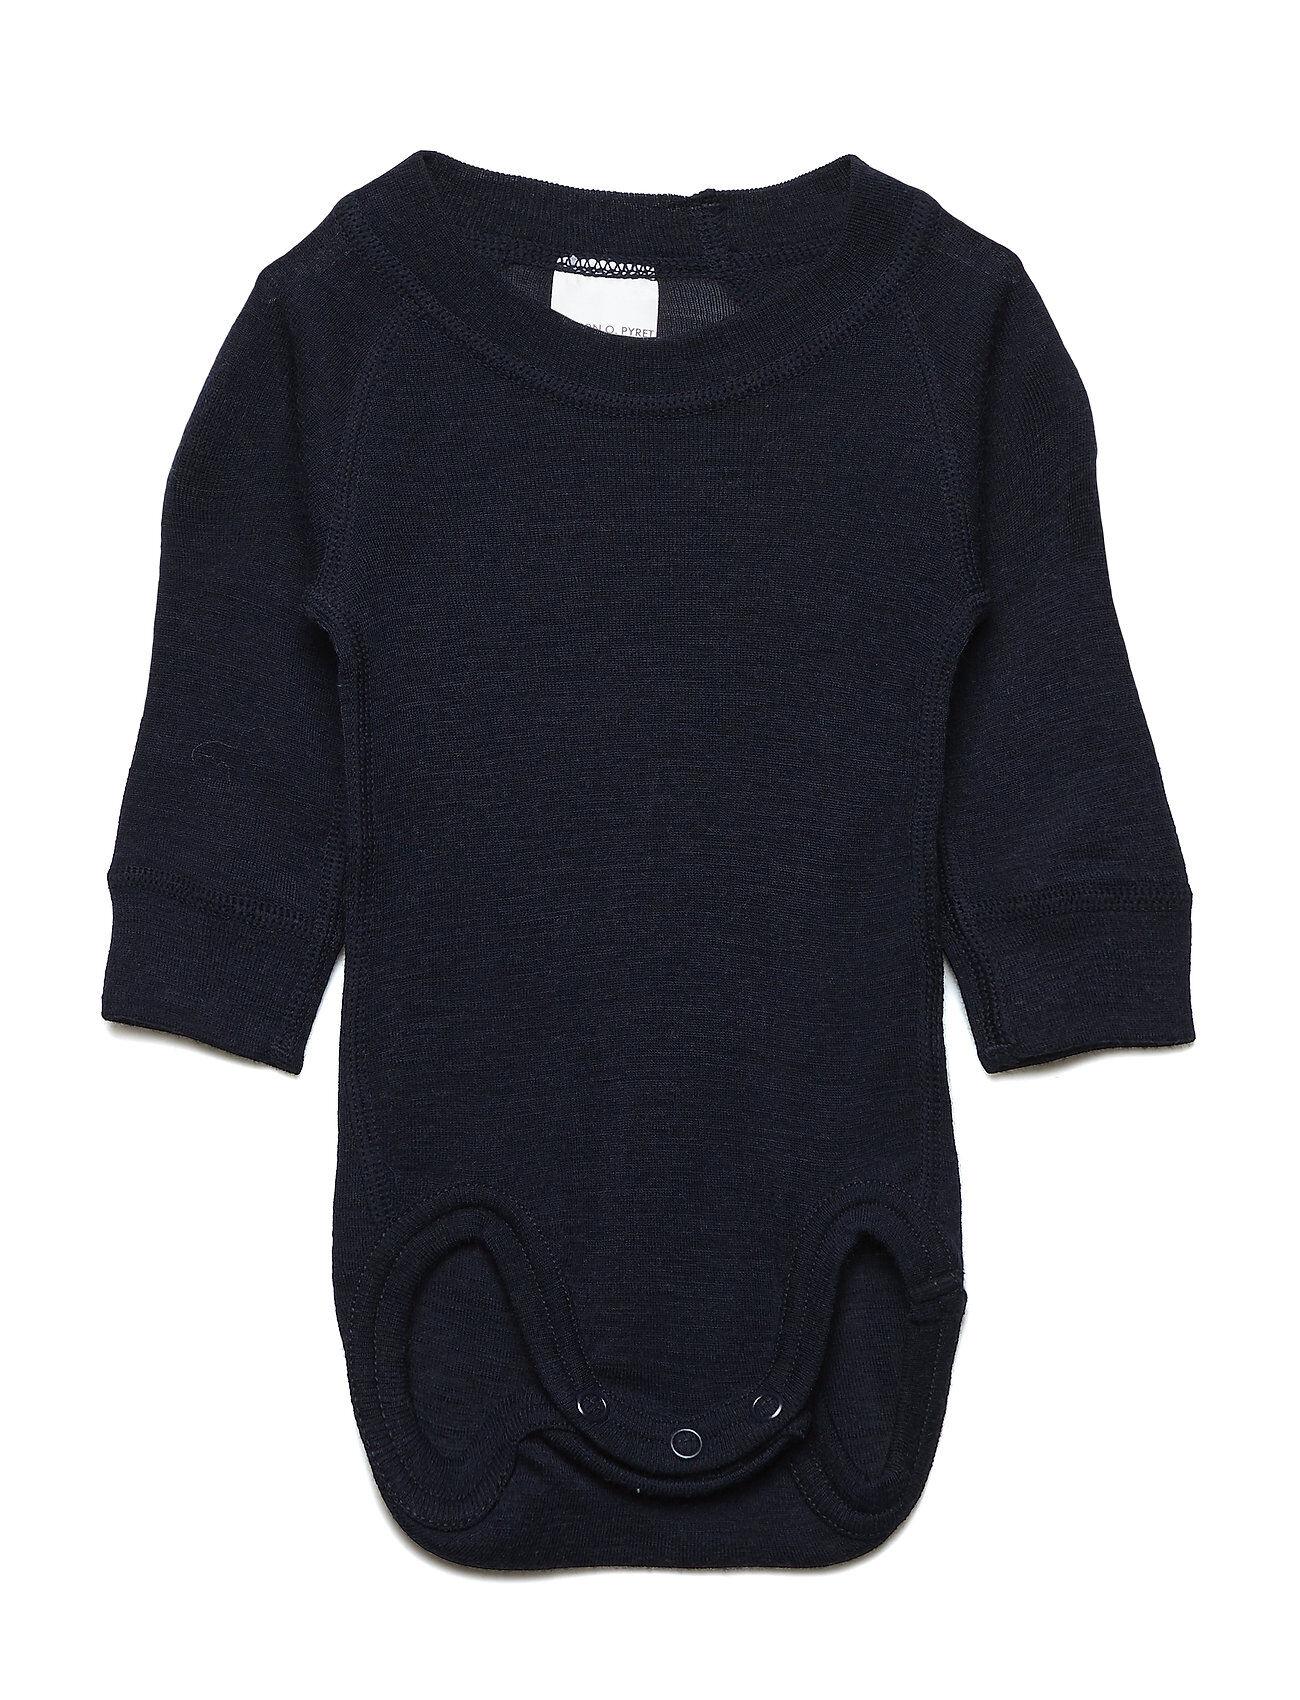 Polarn O. Pyret Body Wool Solid Newborn